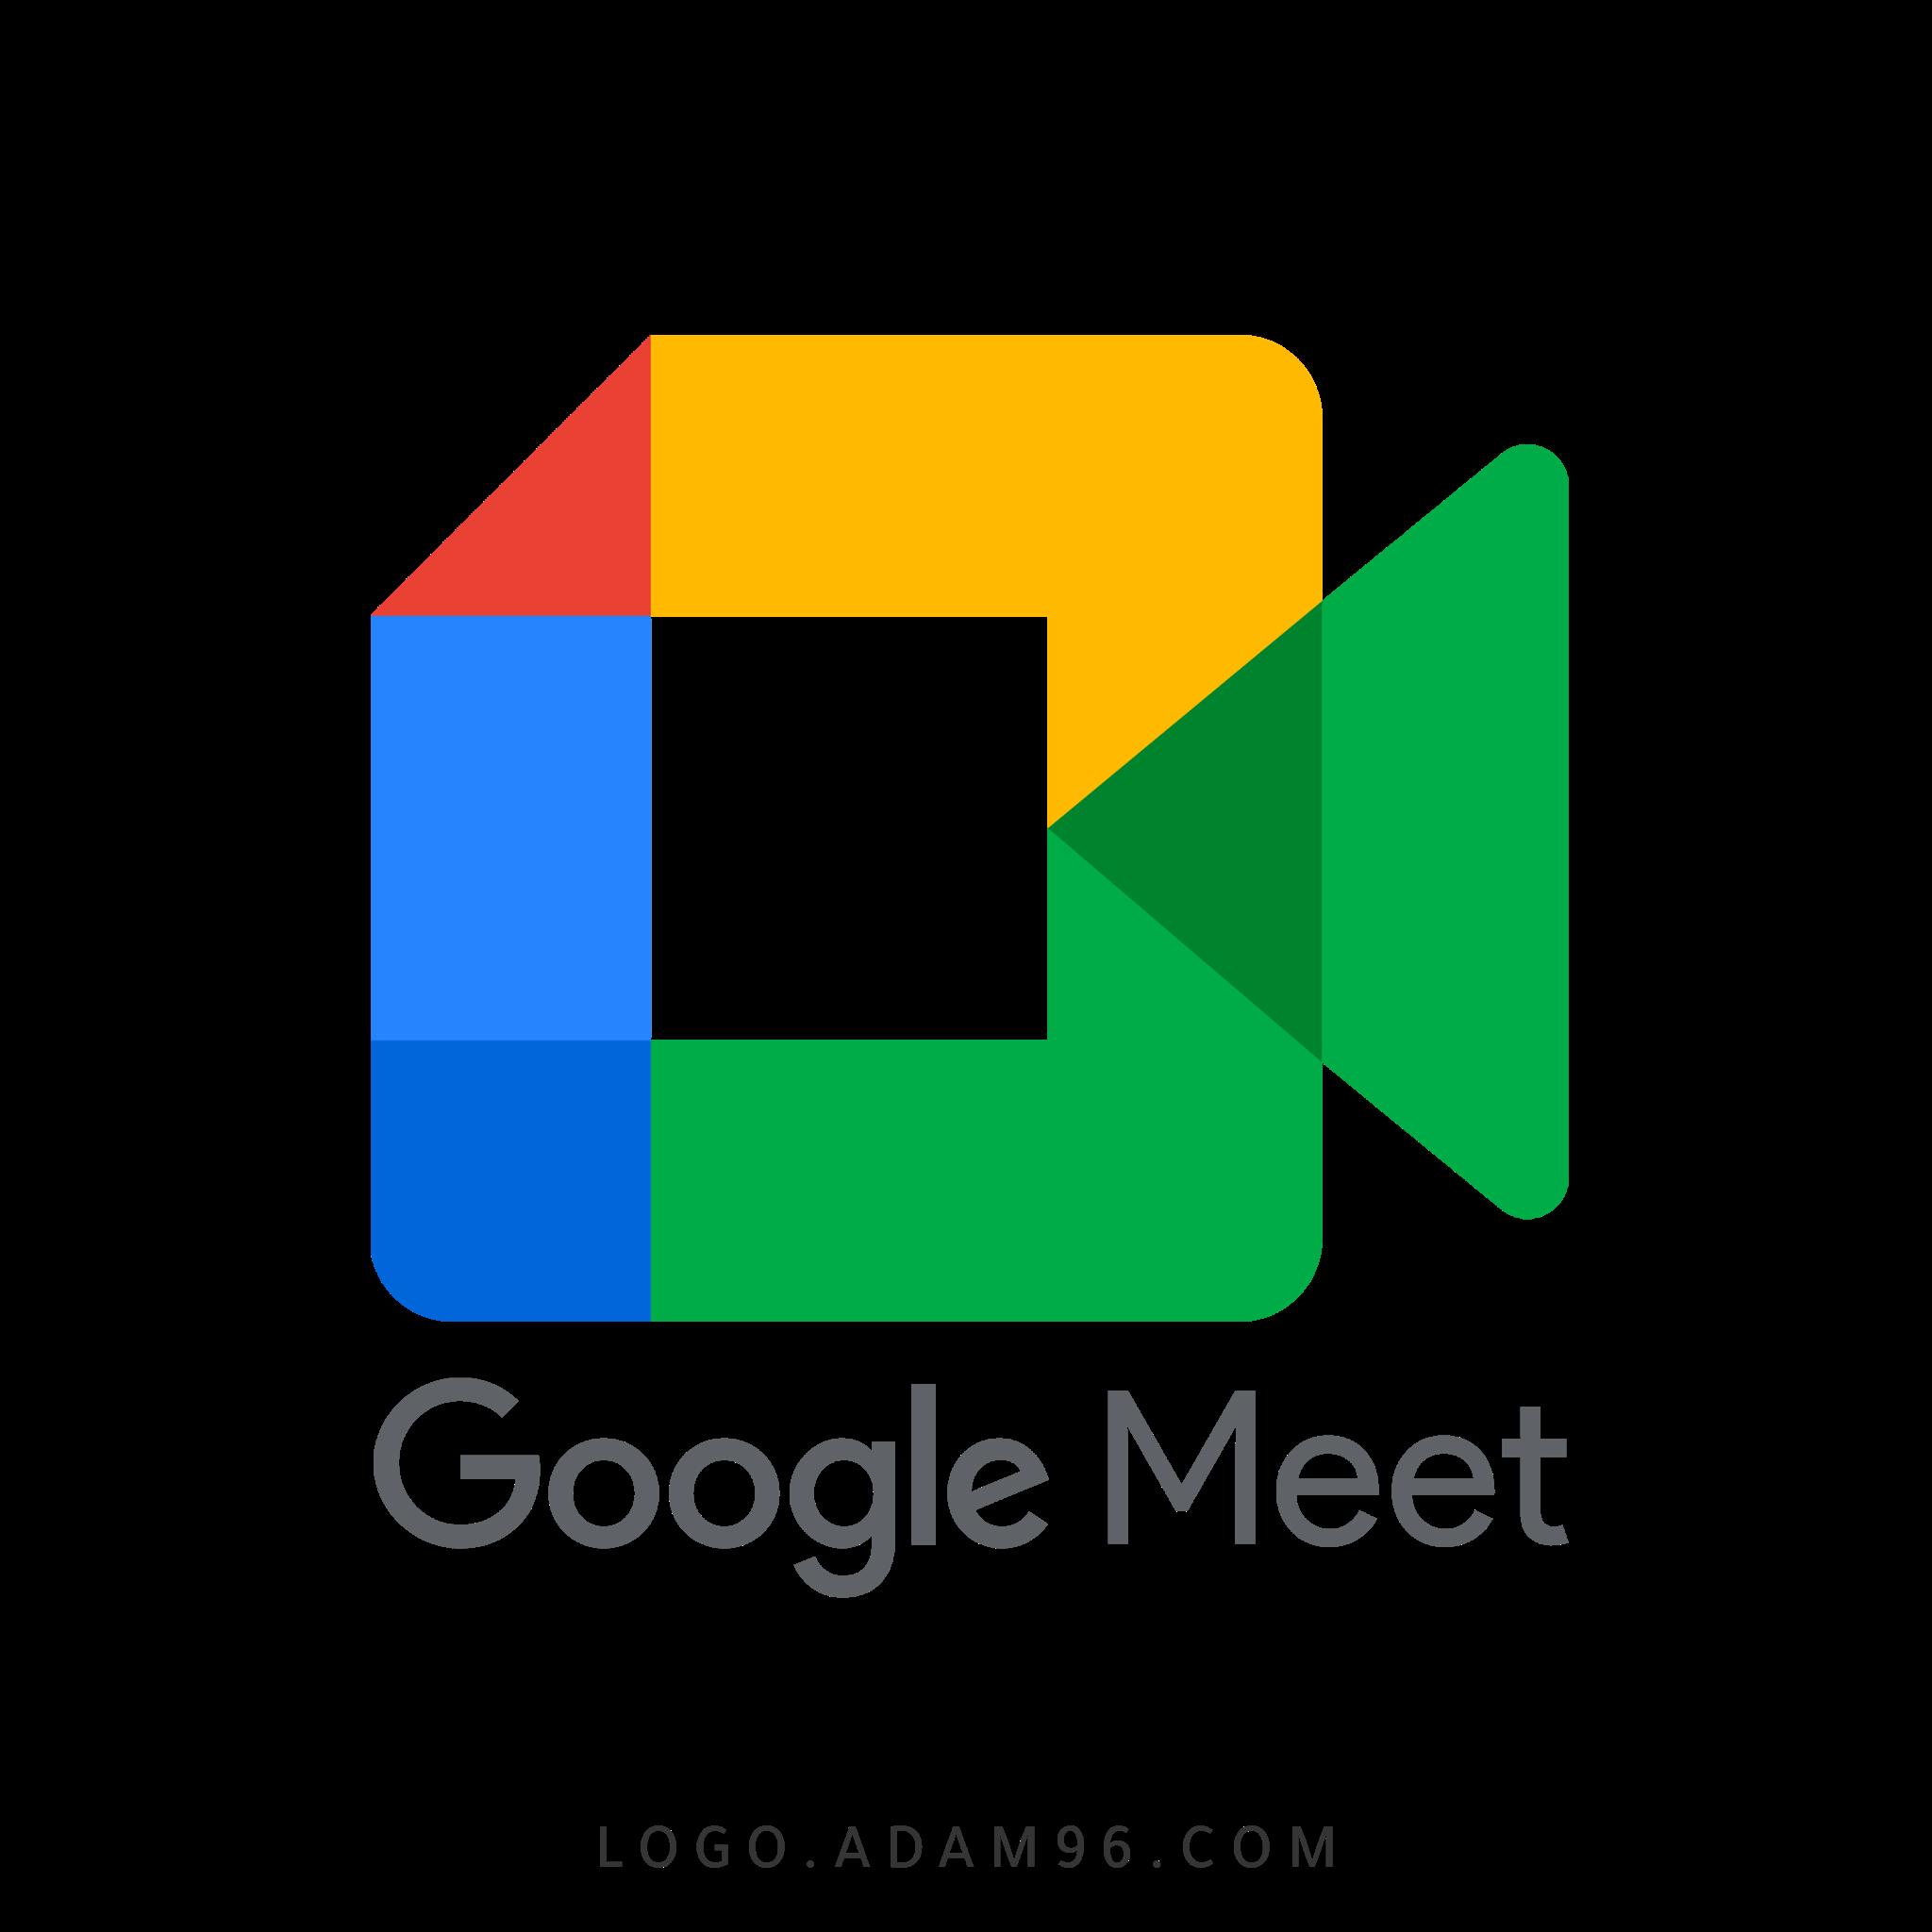 تحميل شعار جوجل مييت لوجو رسمي عالي الدقة بصيغة شفافة Logo Google Meet PNG